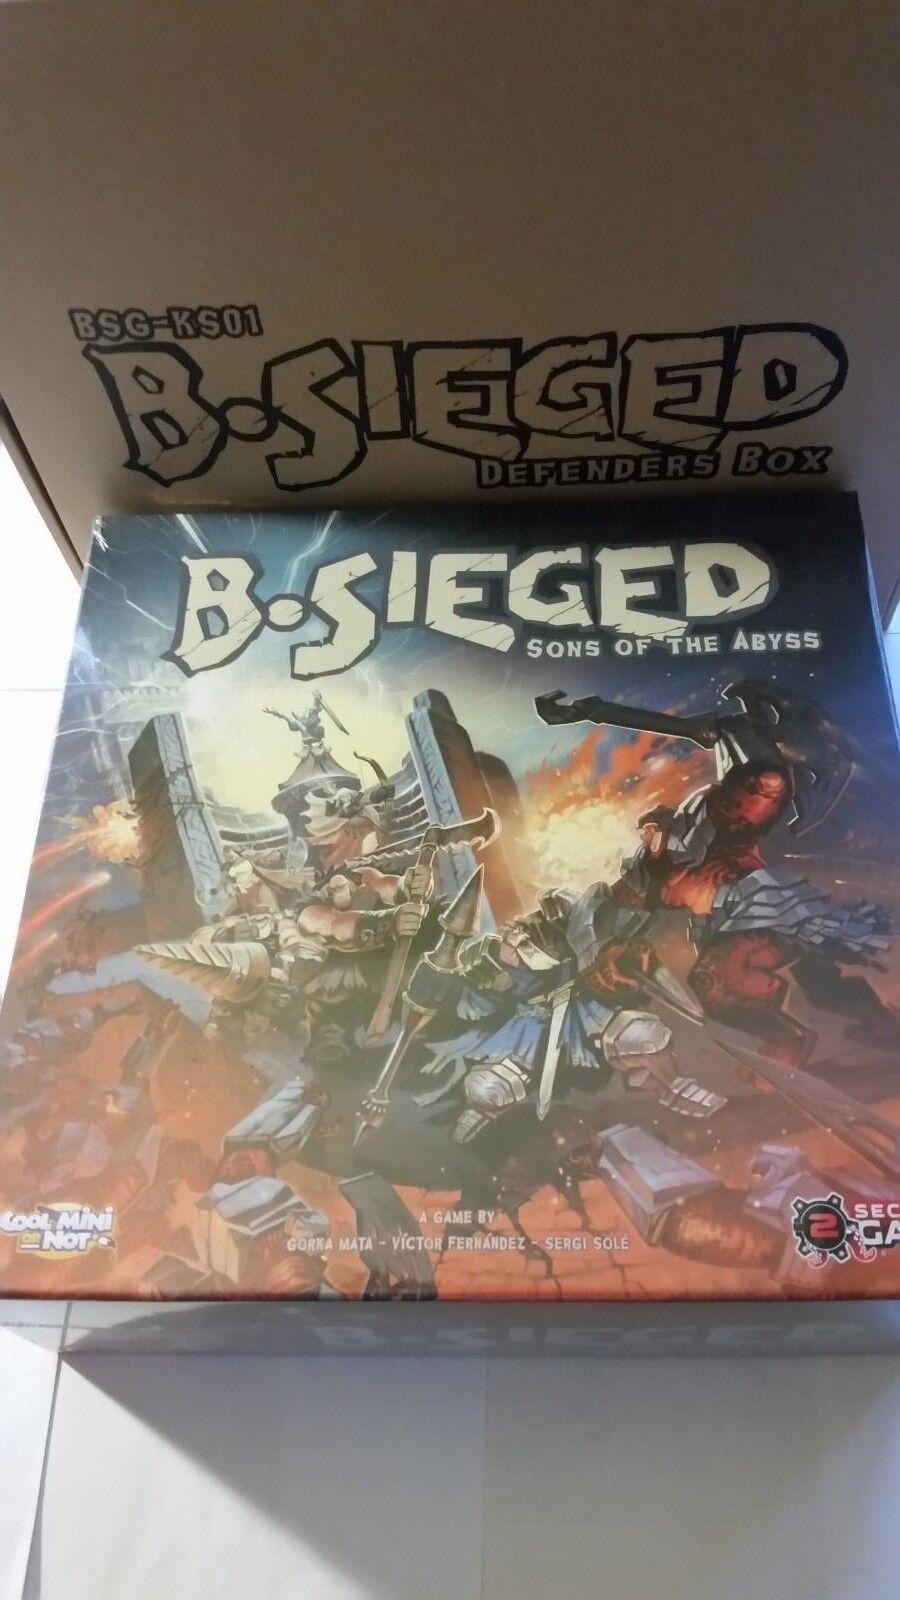 B-sieged Sons of the  abyss pédale de démarrage Defender Gage  sortie de marque